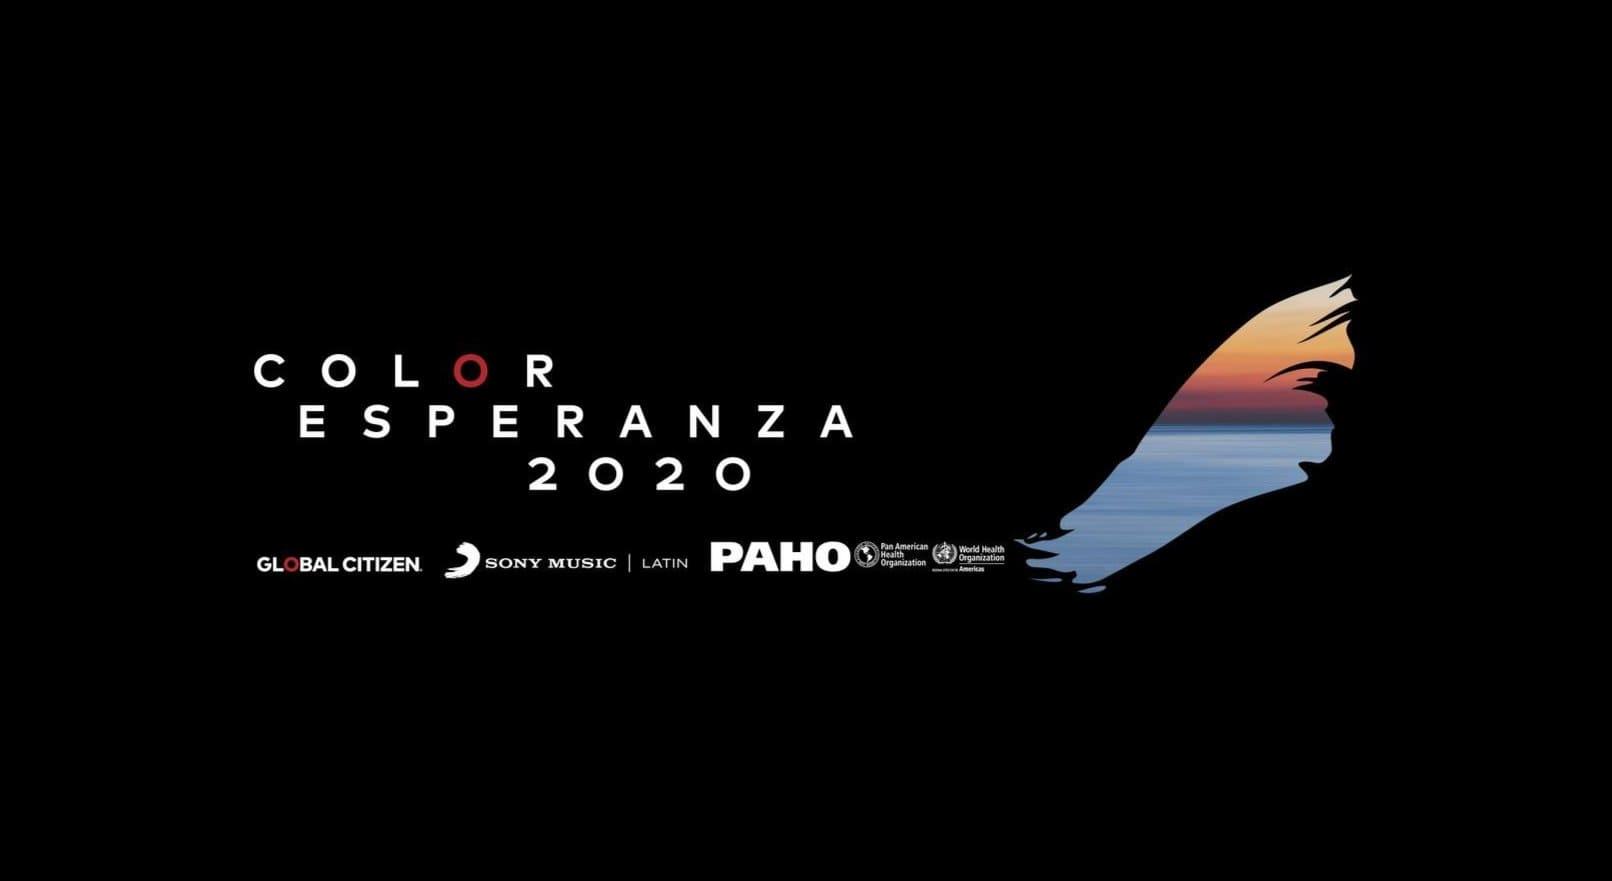 Global Citizen y Sony Music Latin relanzan Color Esperanza para luchar contra el COVID-19